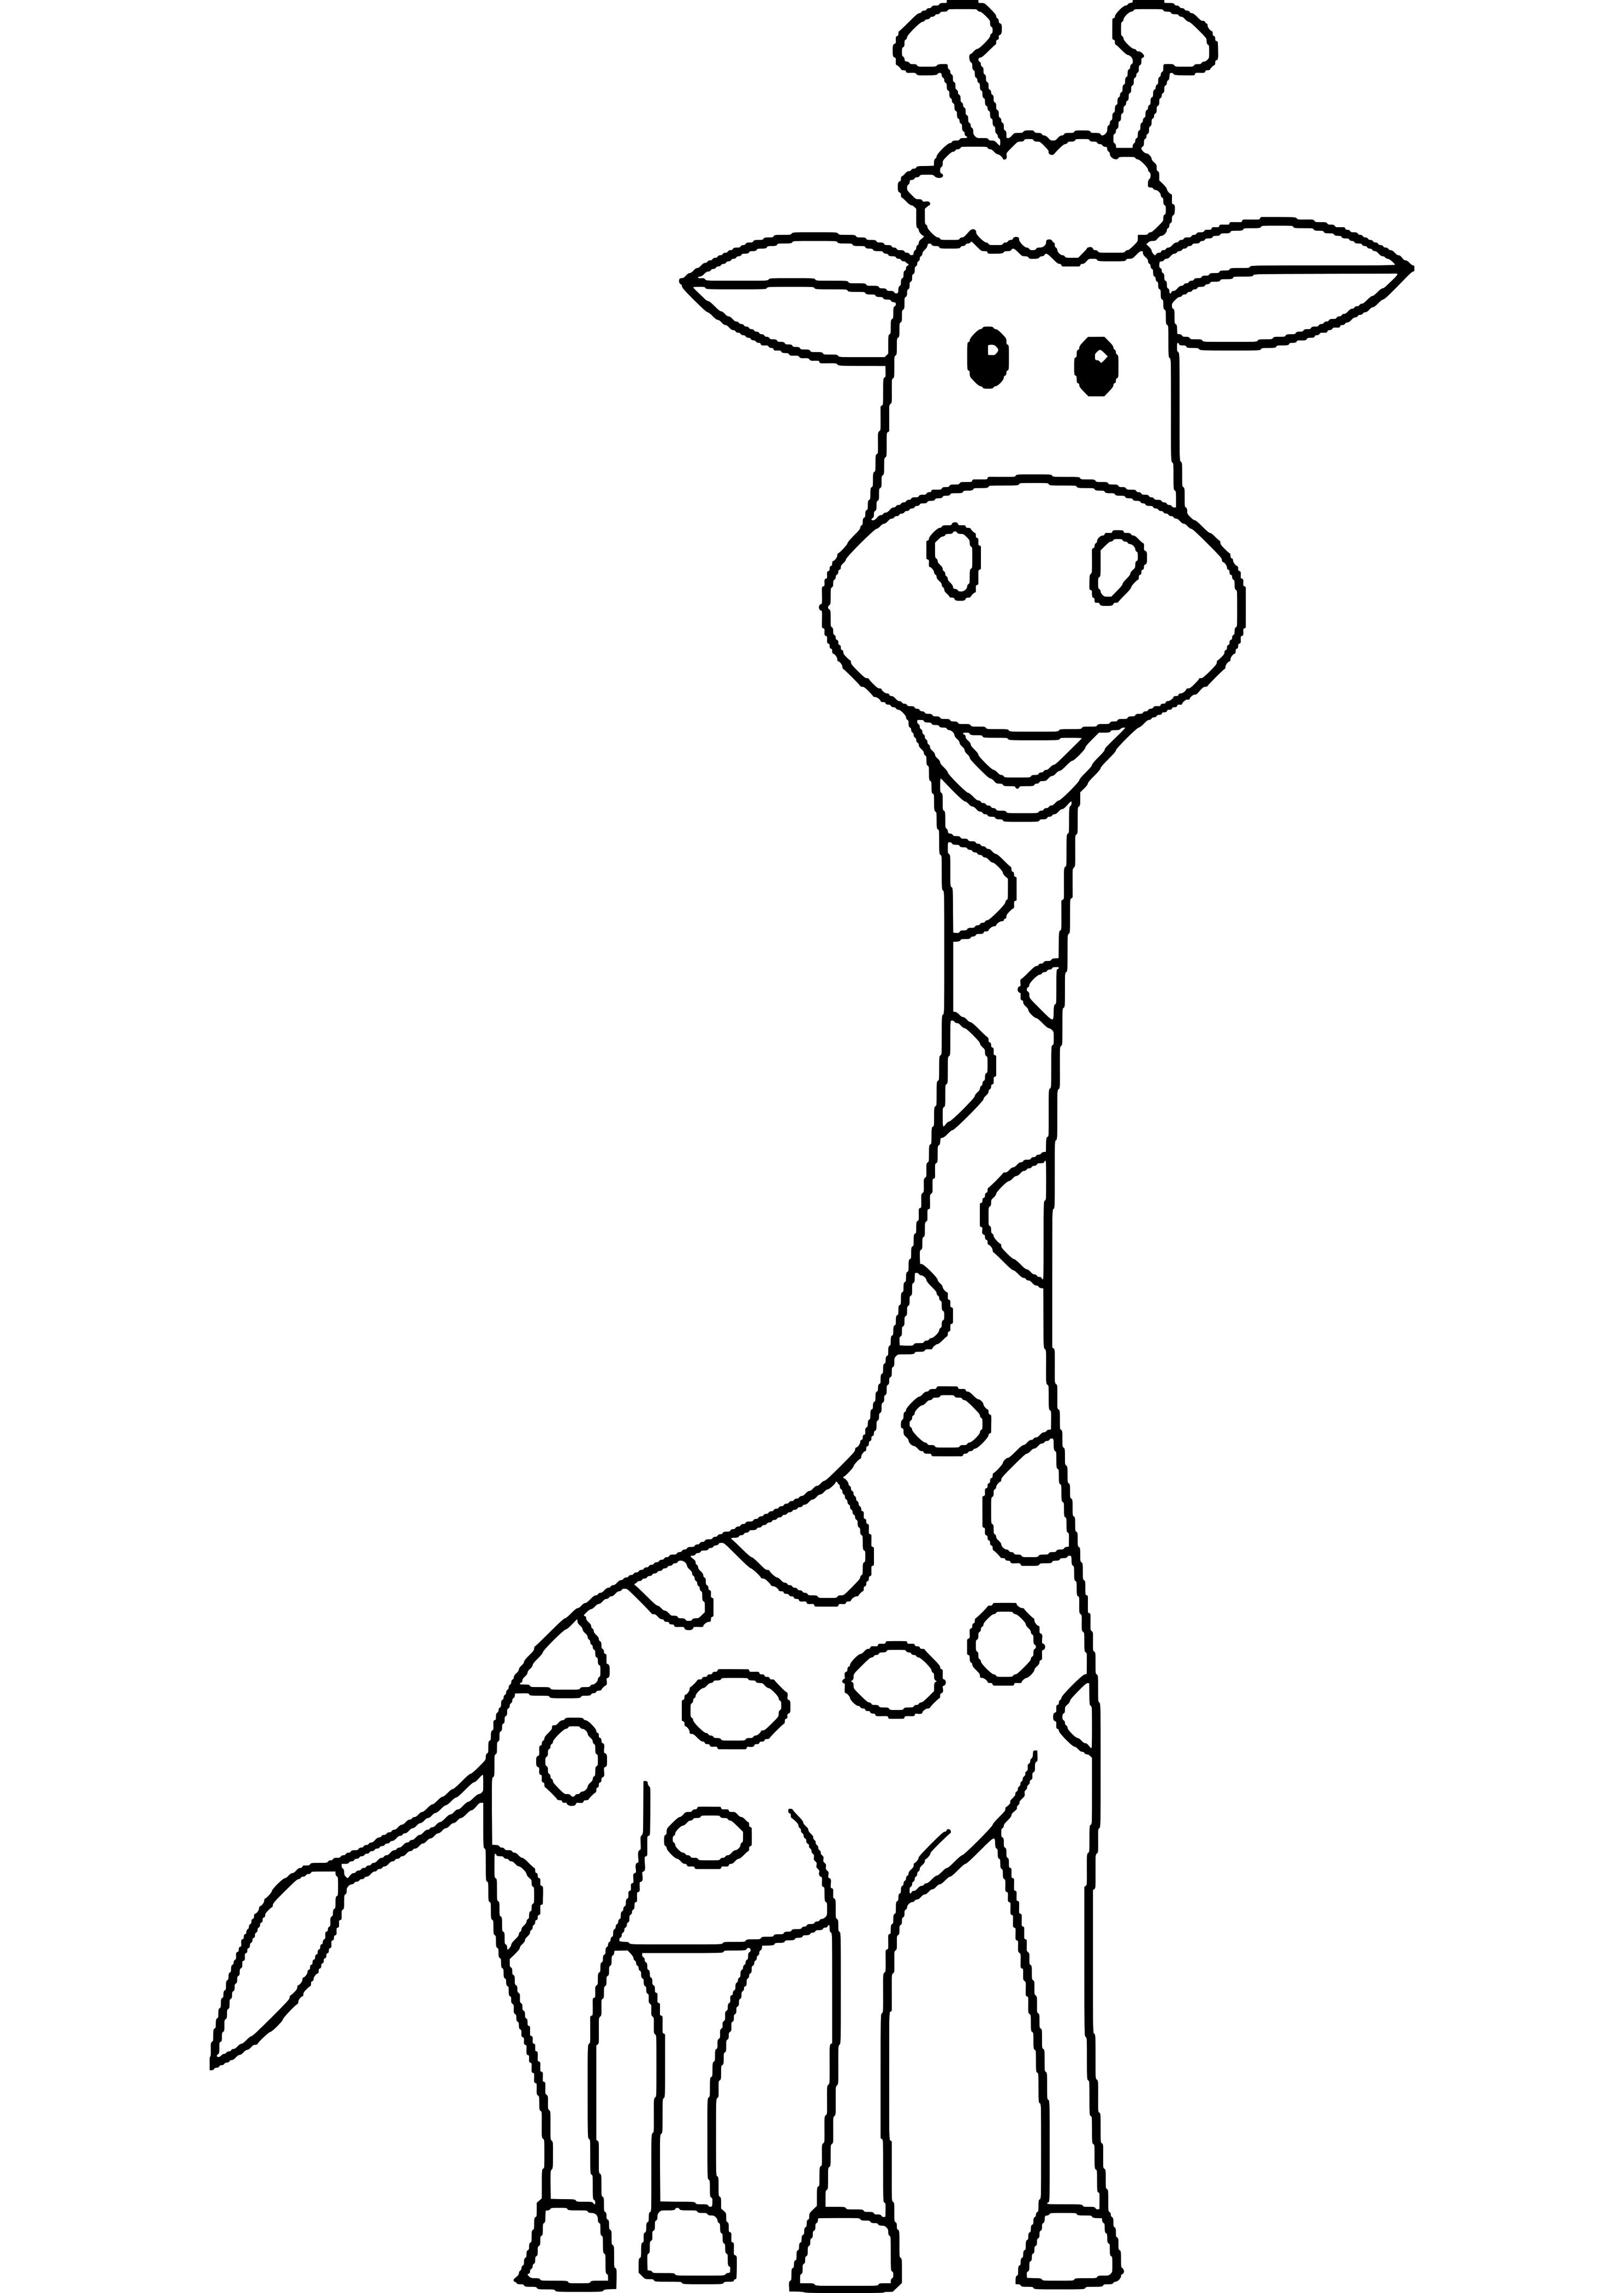 die 20 besten ideen für giraffe ausmalbilder  beste